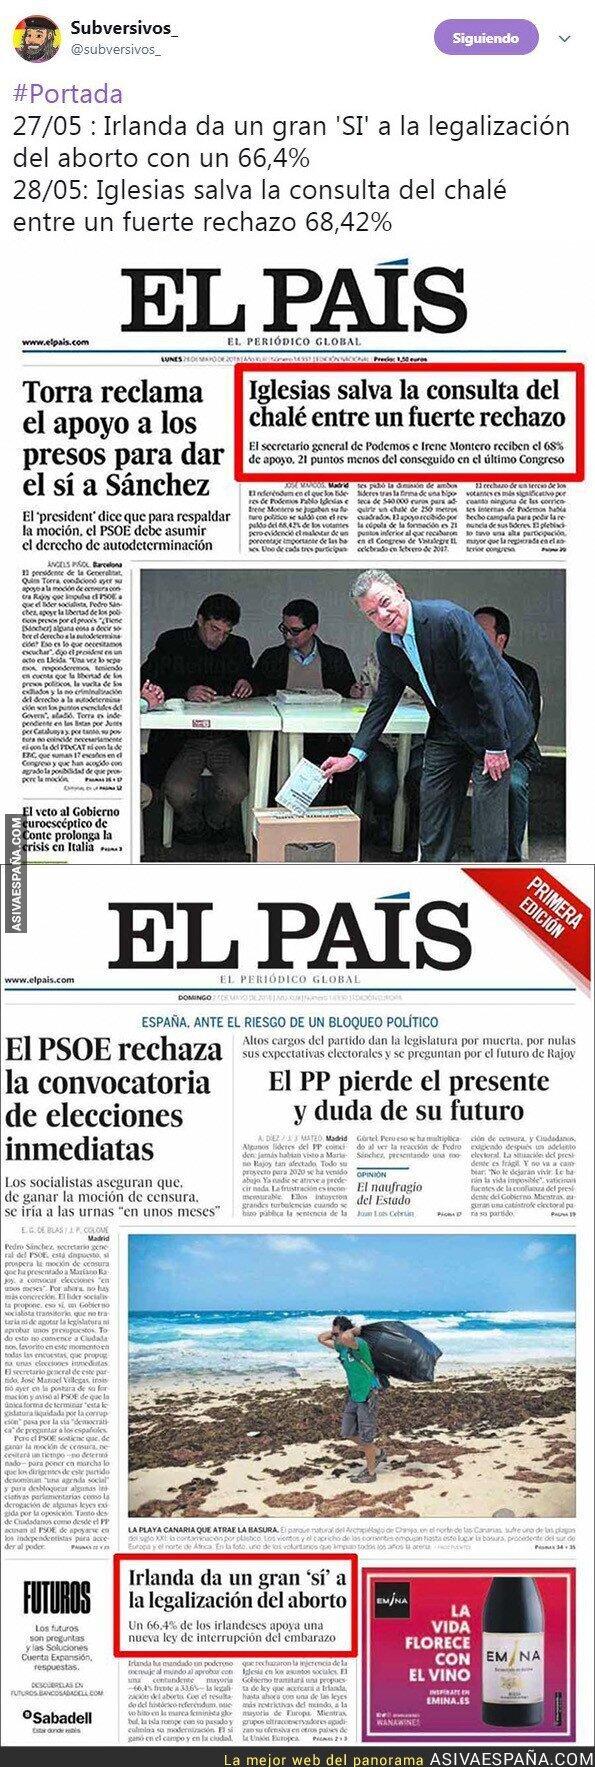 87469 - La prensa objetiva de El País